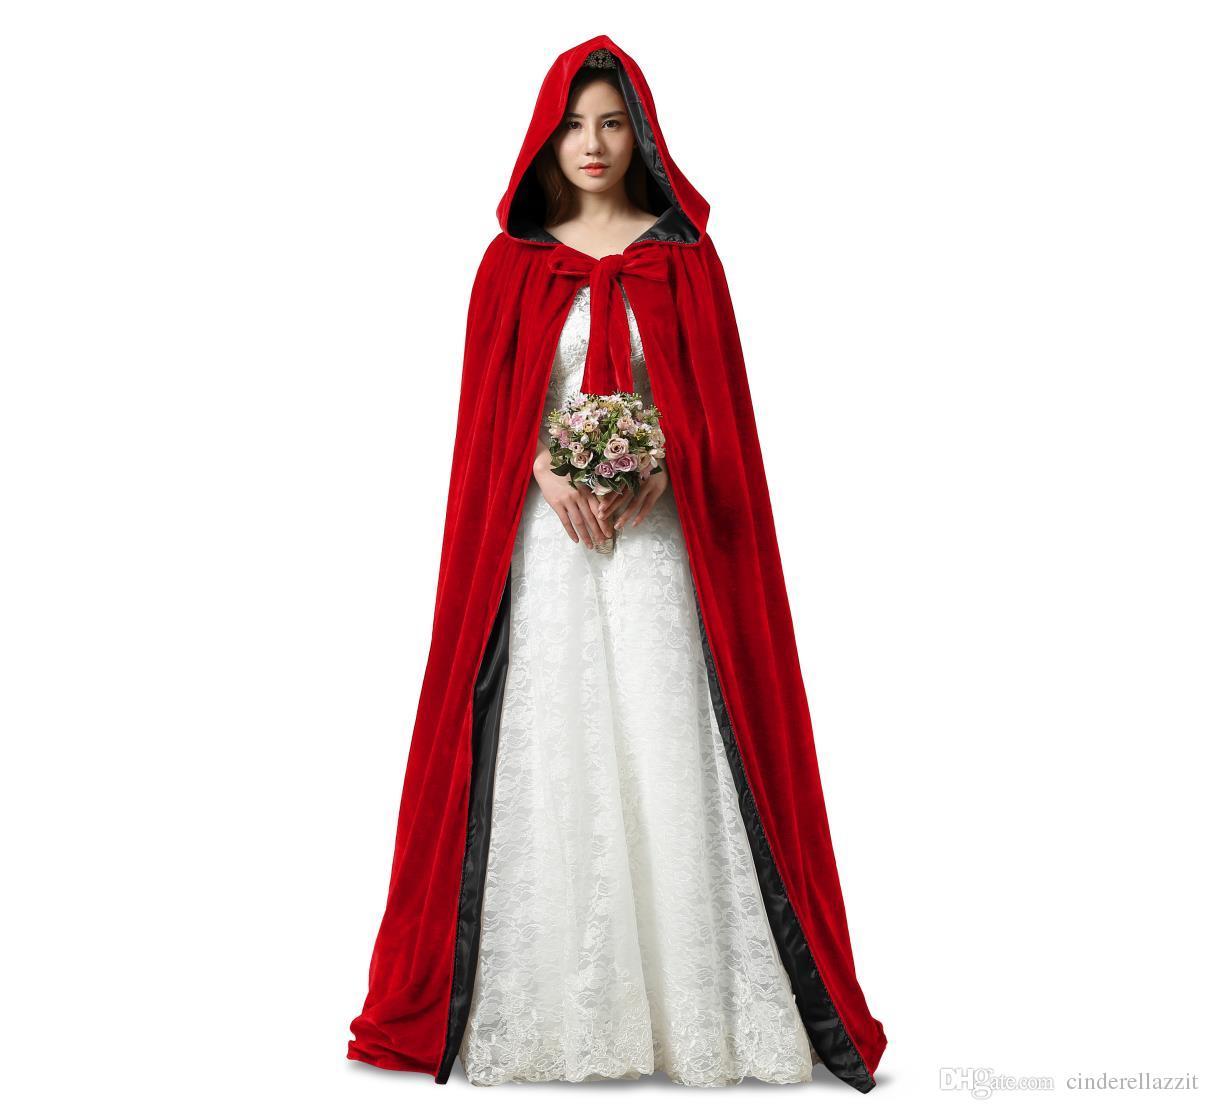 Acquista Nuovo Rosso E i Fodera Mantello Di Velluto Vampiro Gotico Wicca  Robe Caldo Outdoor Mantella Mantella Medievale Mantello Le Donne Giacca Da  Sposa ... 97fb8c352793